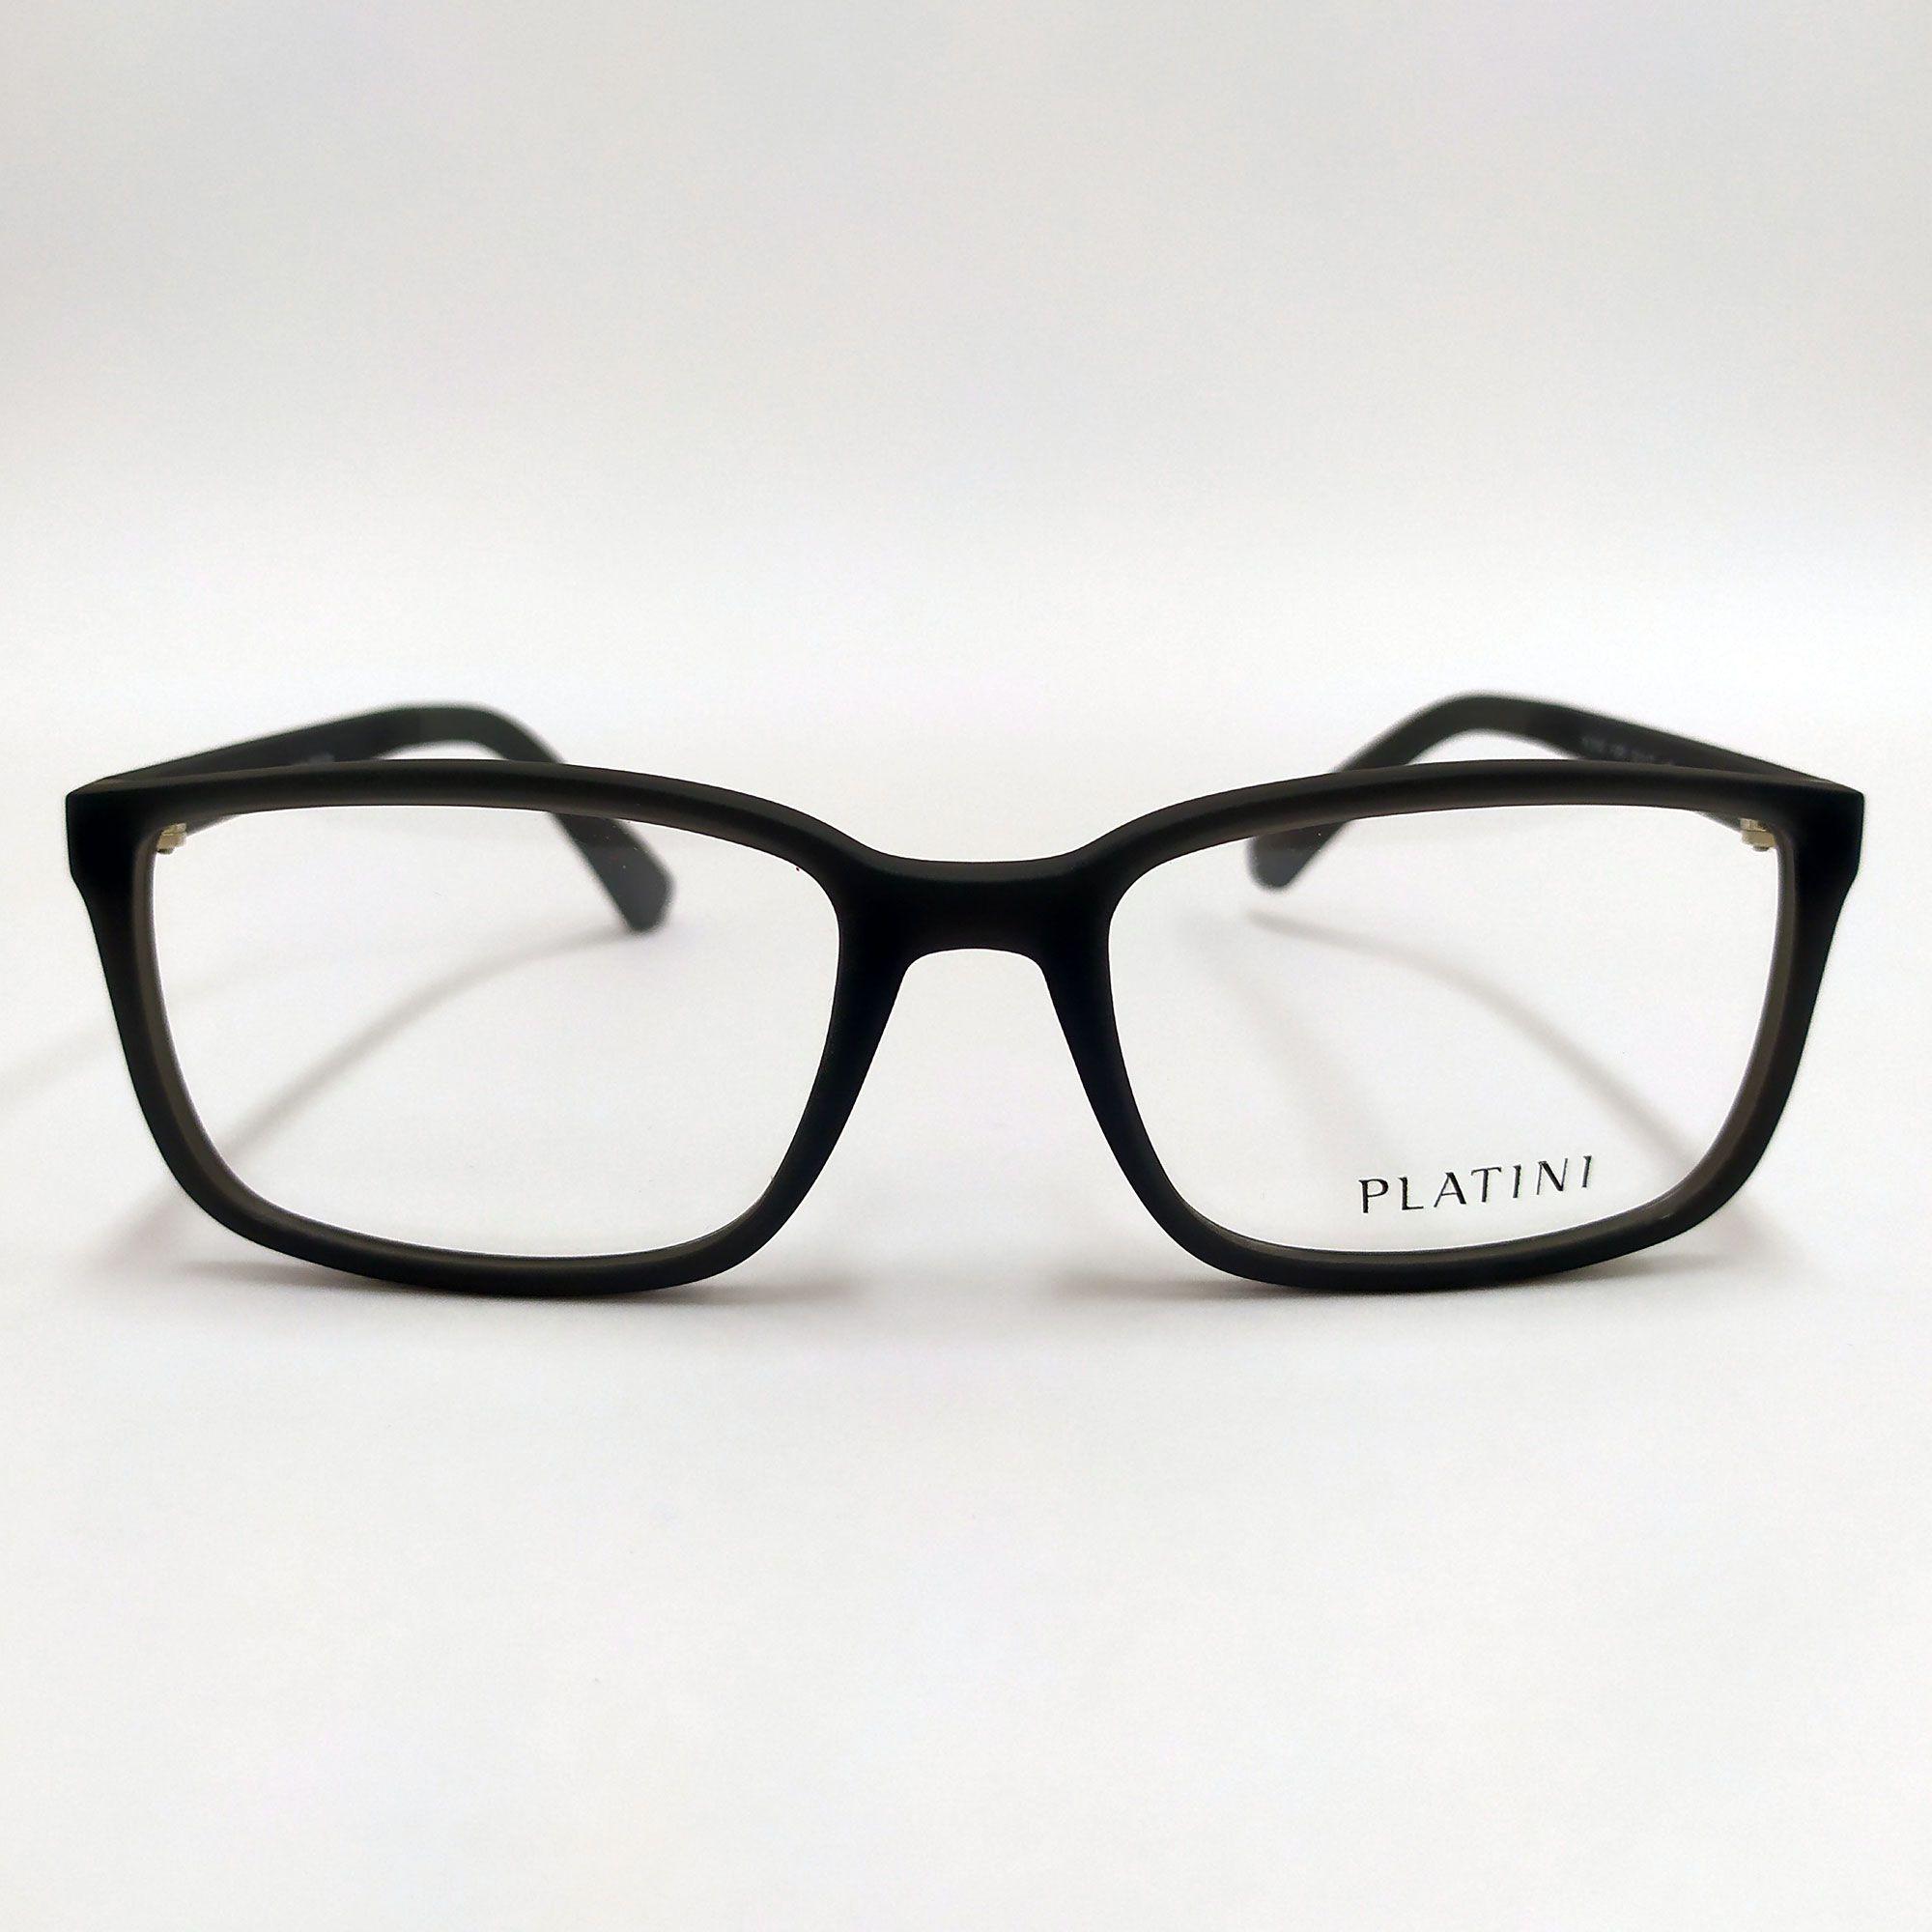 Óculos de Grau Platini Cinza  P9 3145 F984